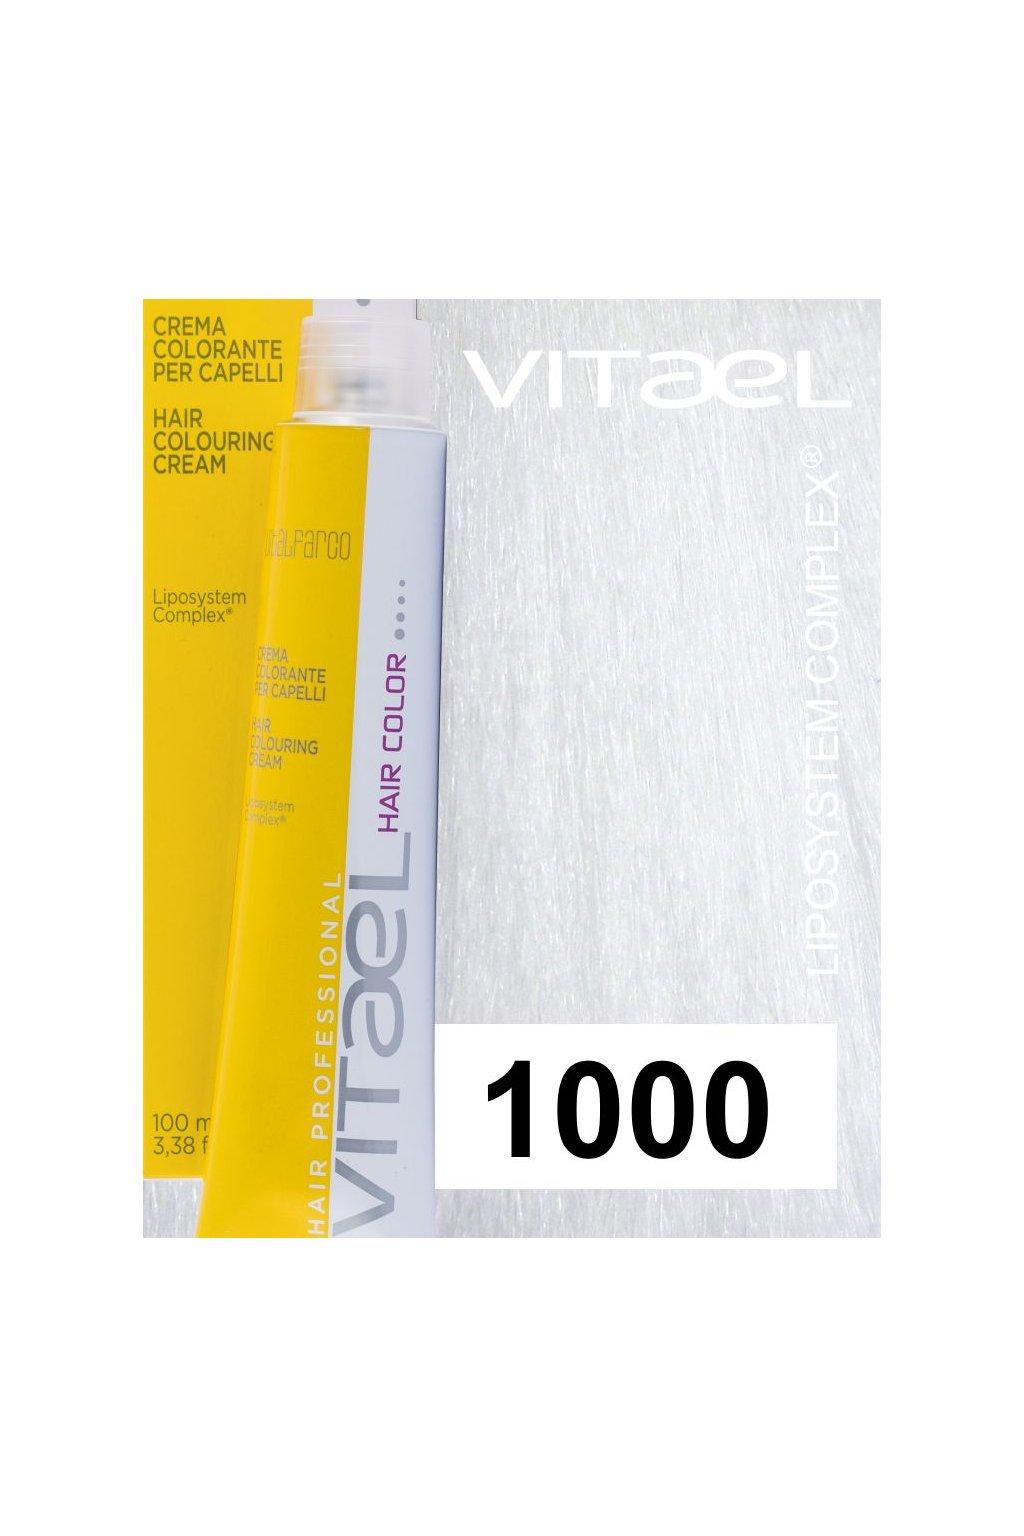 1000 VIT